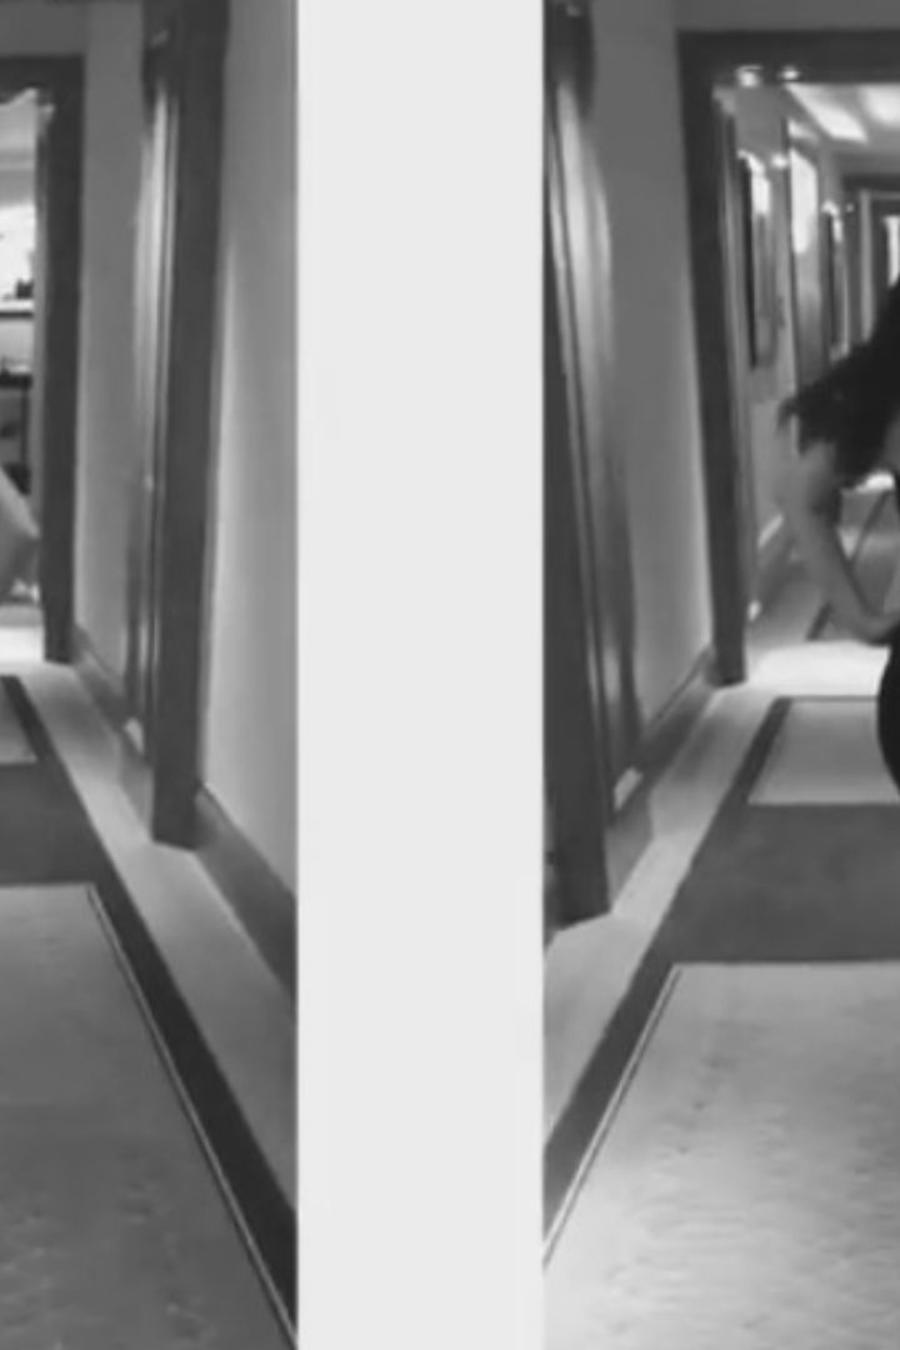 Salma Hayek caminando en un pasillo